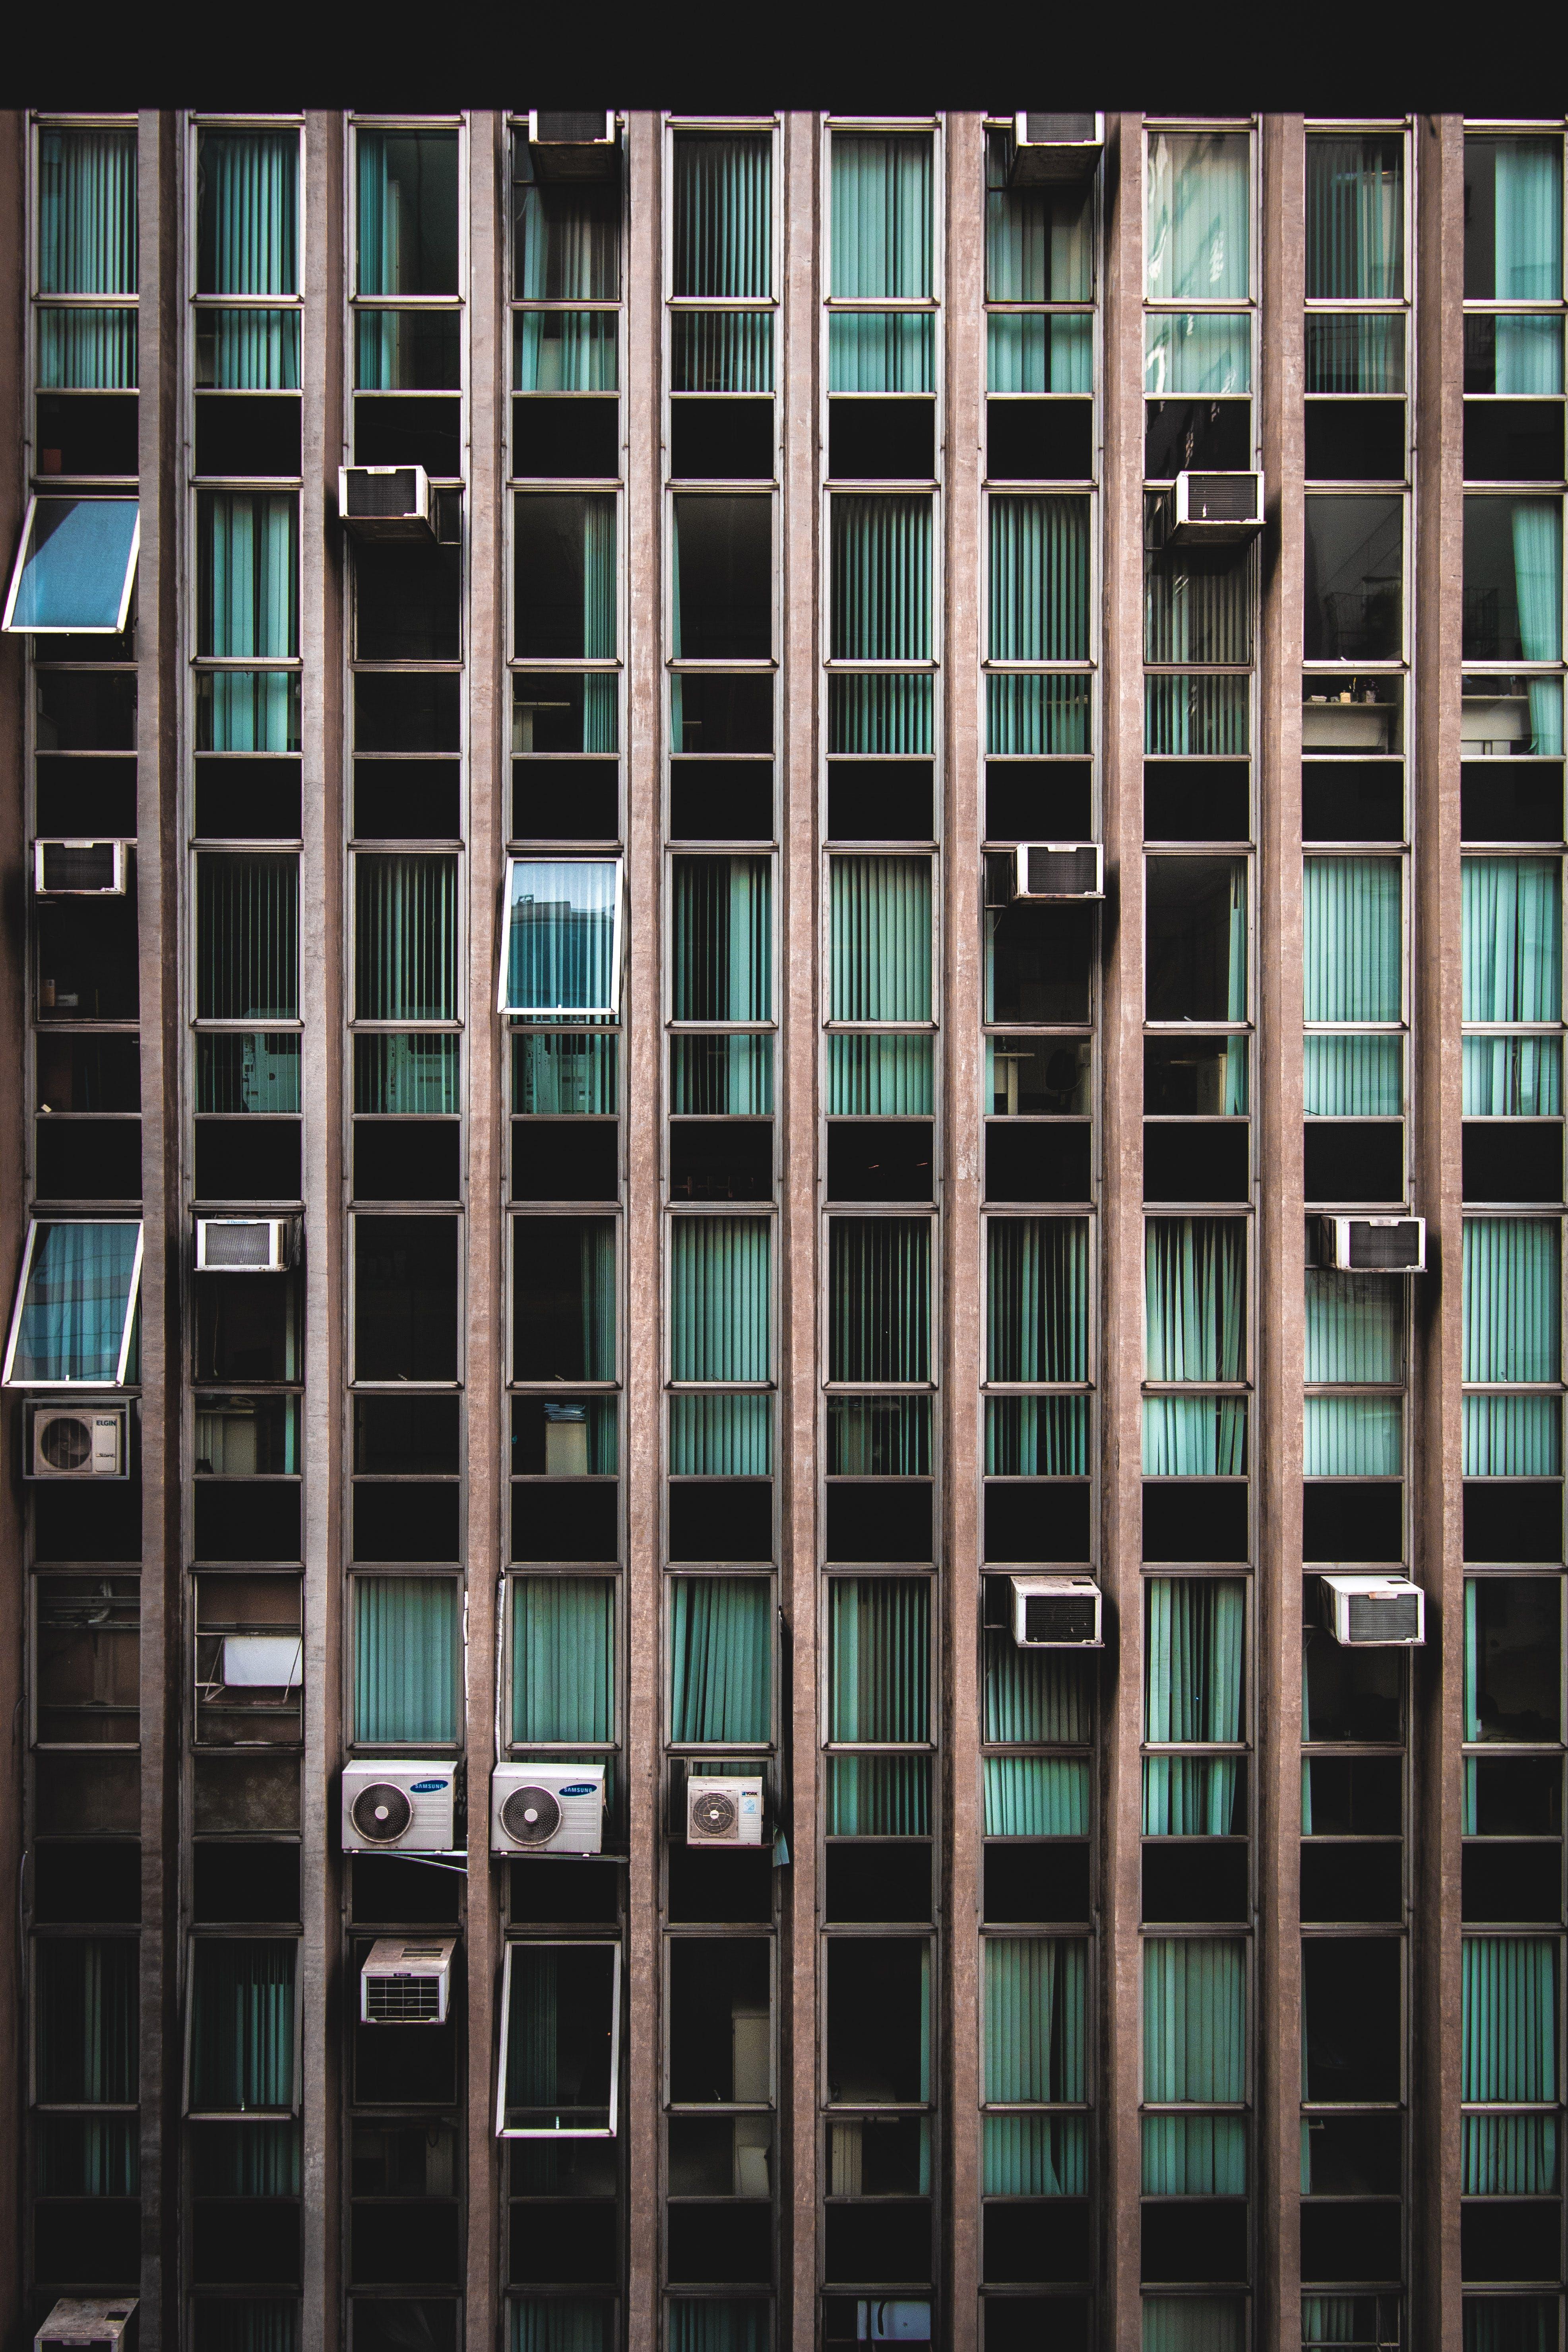 推薦 2019,ptt 窗型,比較 冷氣,一對一 比較,推薦 變頻,評價 分離式,推薦 一對一,開箱 冷氣,分離式 比較,分離式 比較